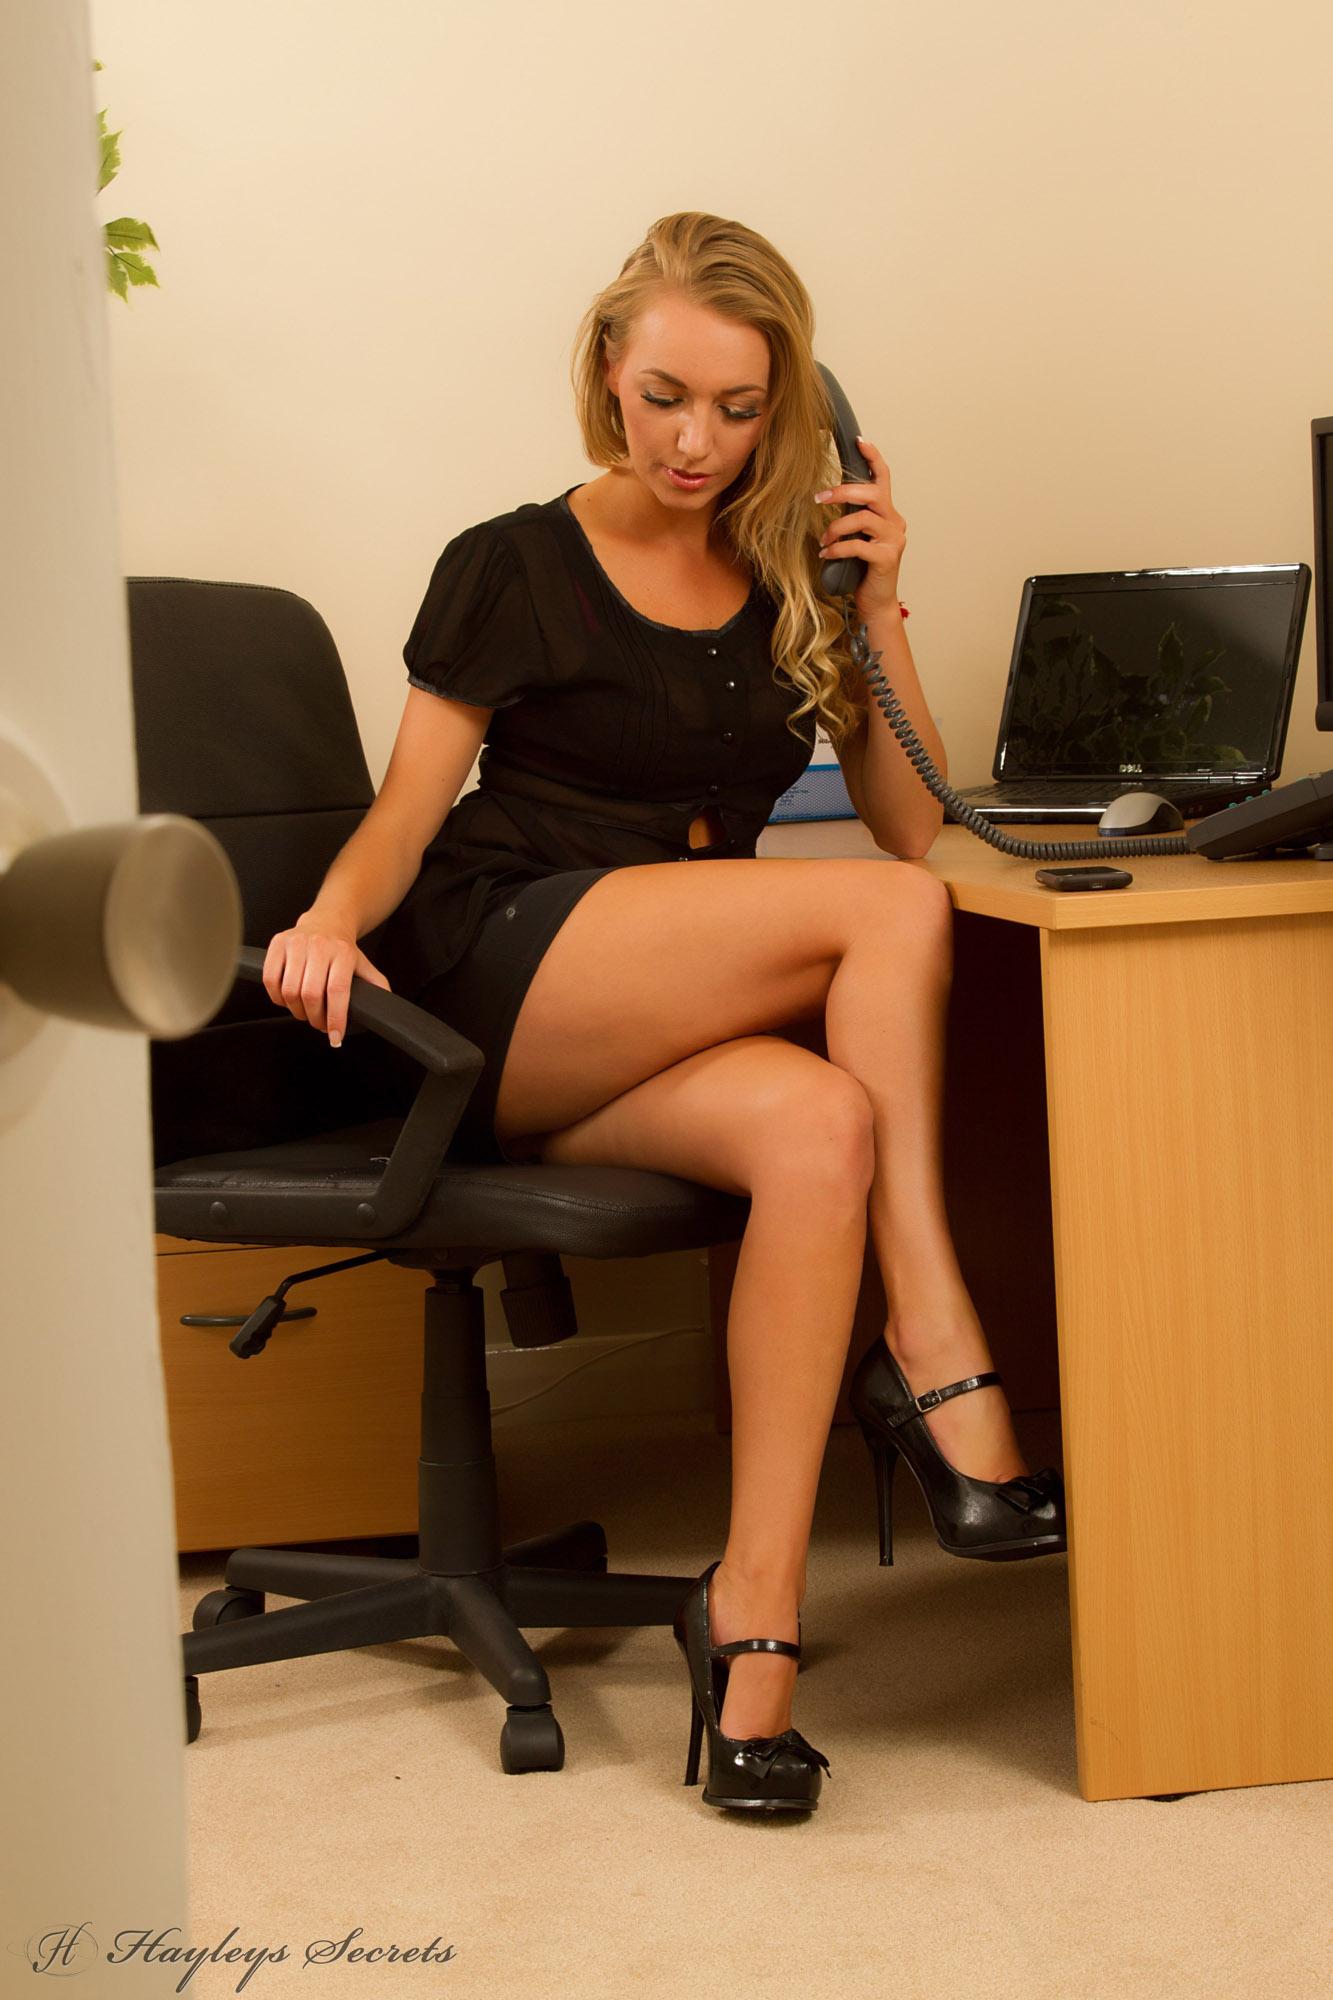 Фото бизнес леди эротика 12 фотография